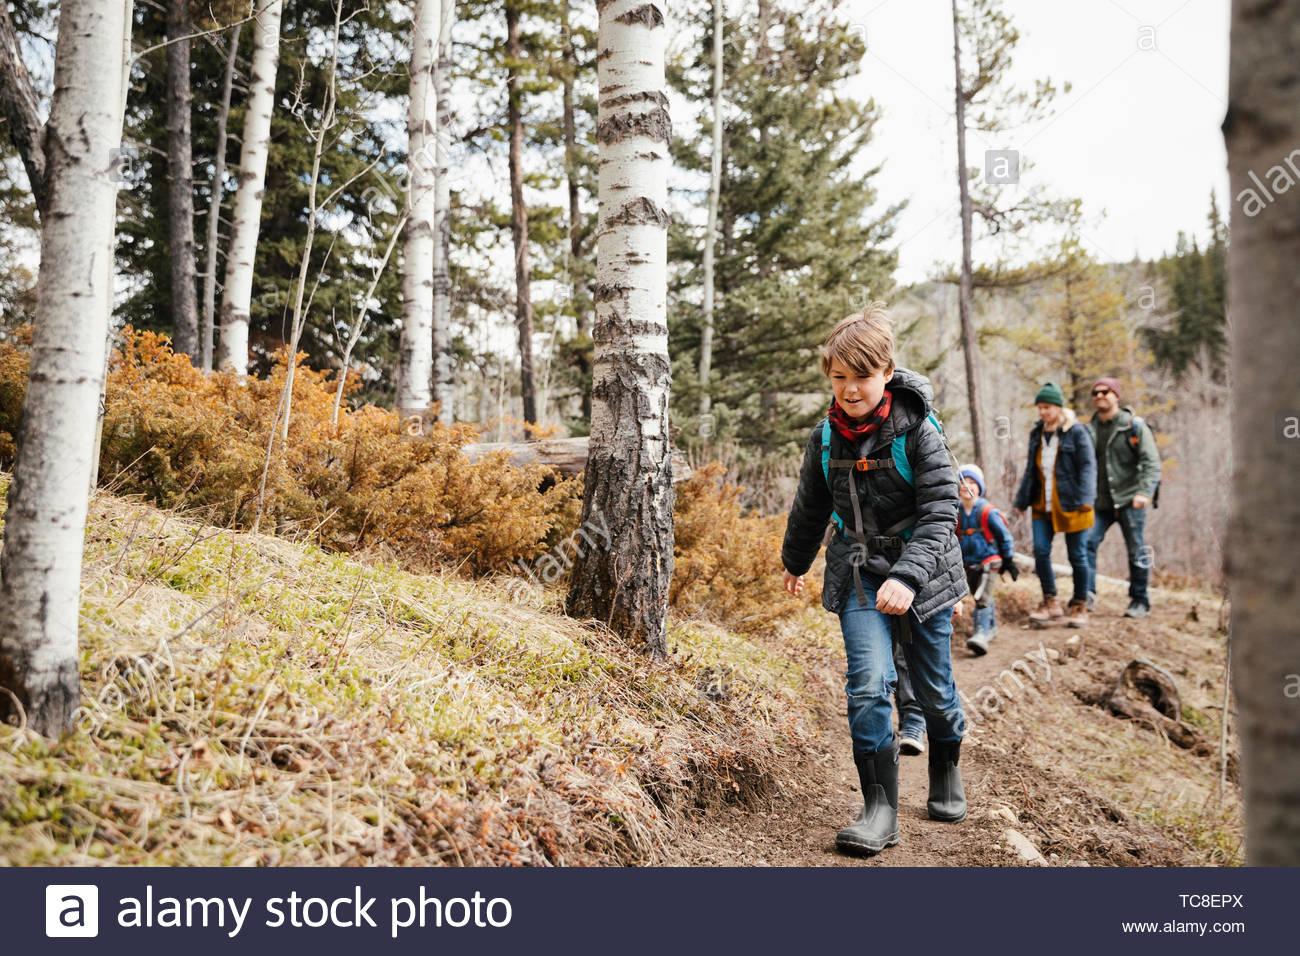 Chico despreocupado senderismo con familia en woods Imagen De Stock